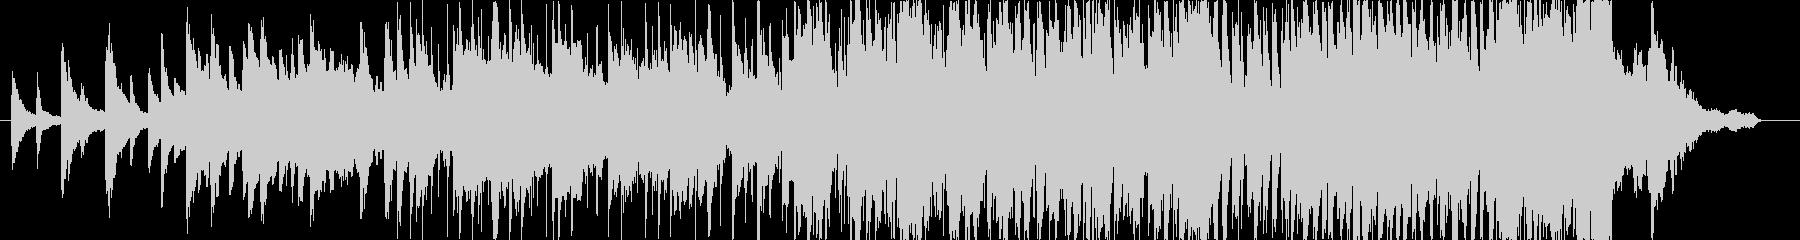 ピアノとシンセの神秘的なBGMの未再生の波形